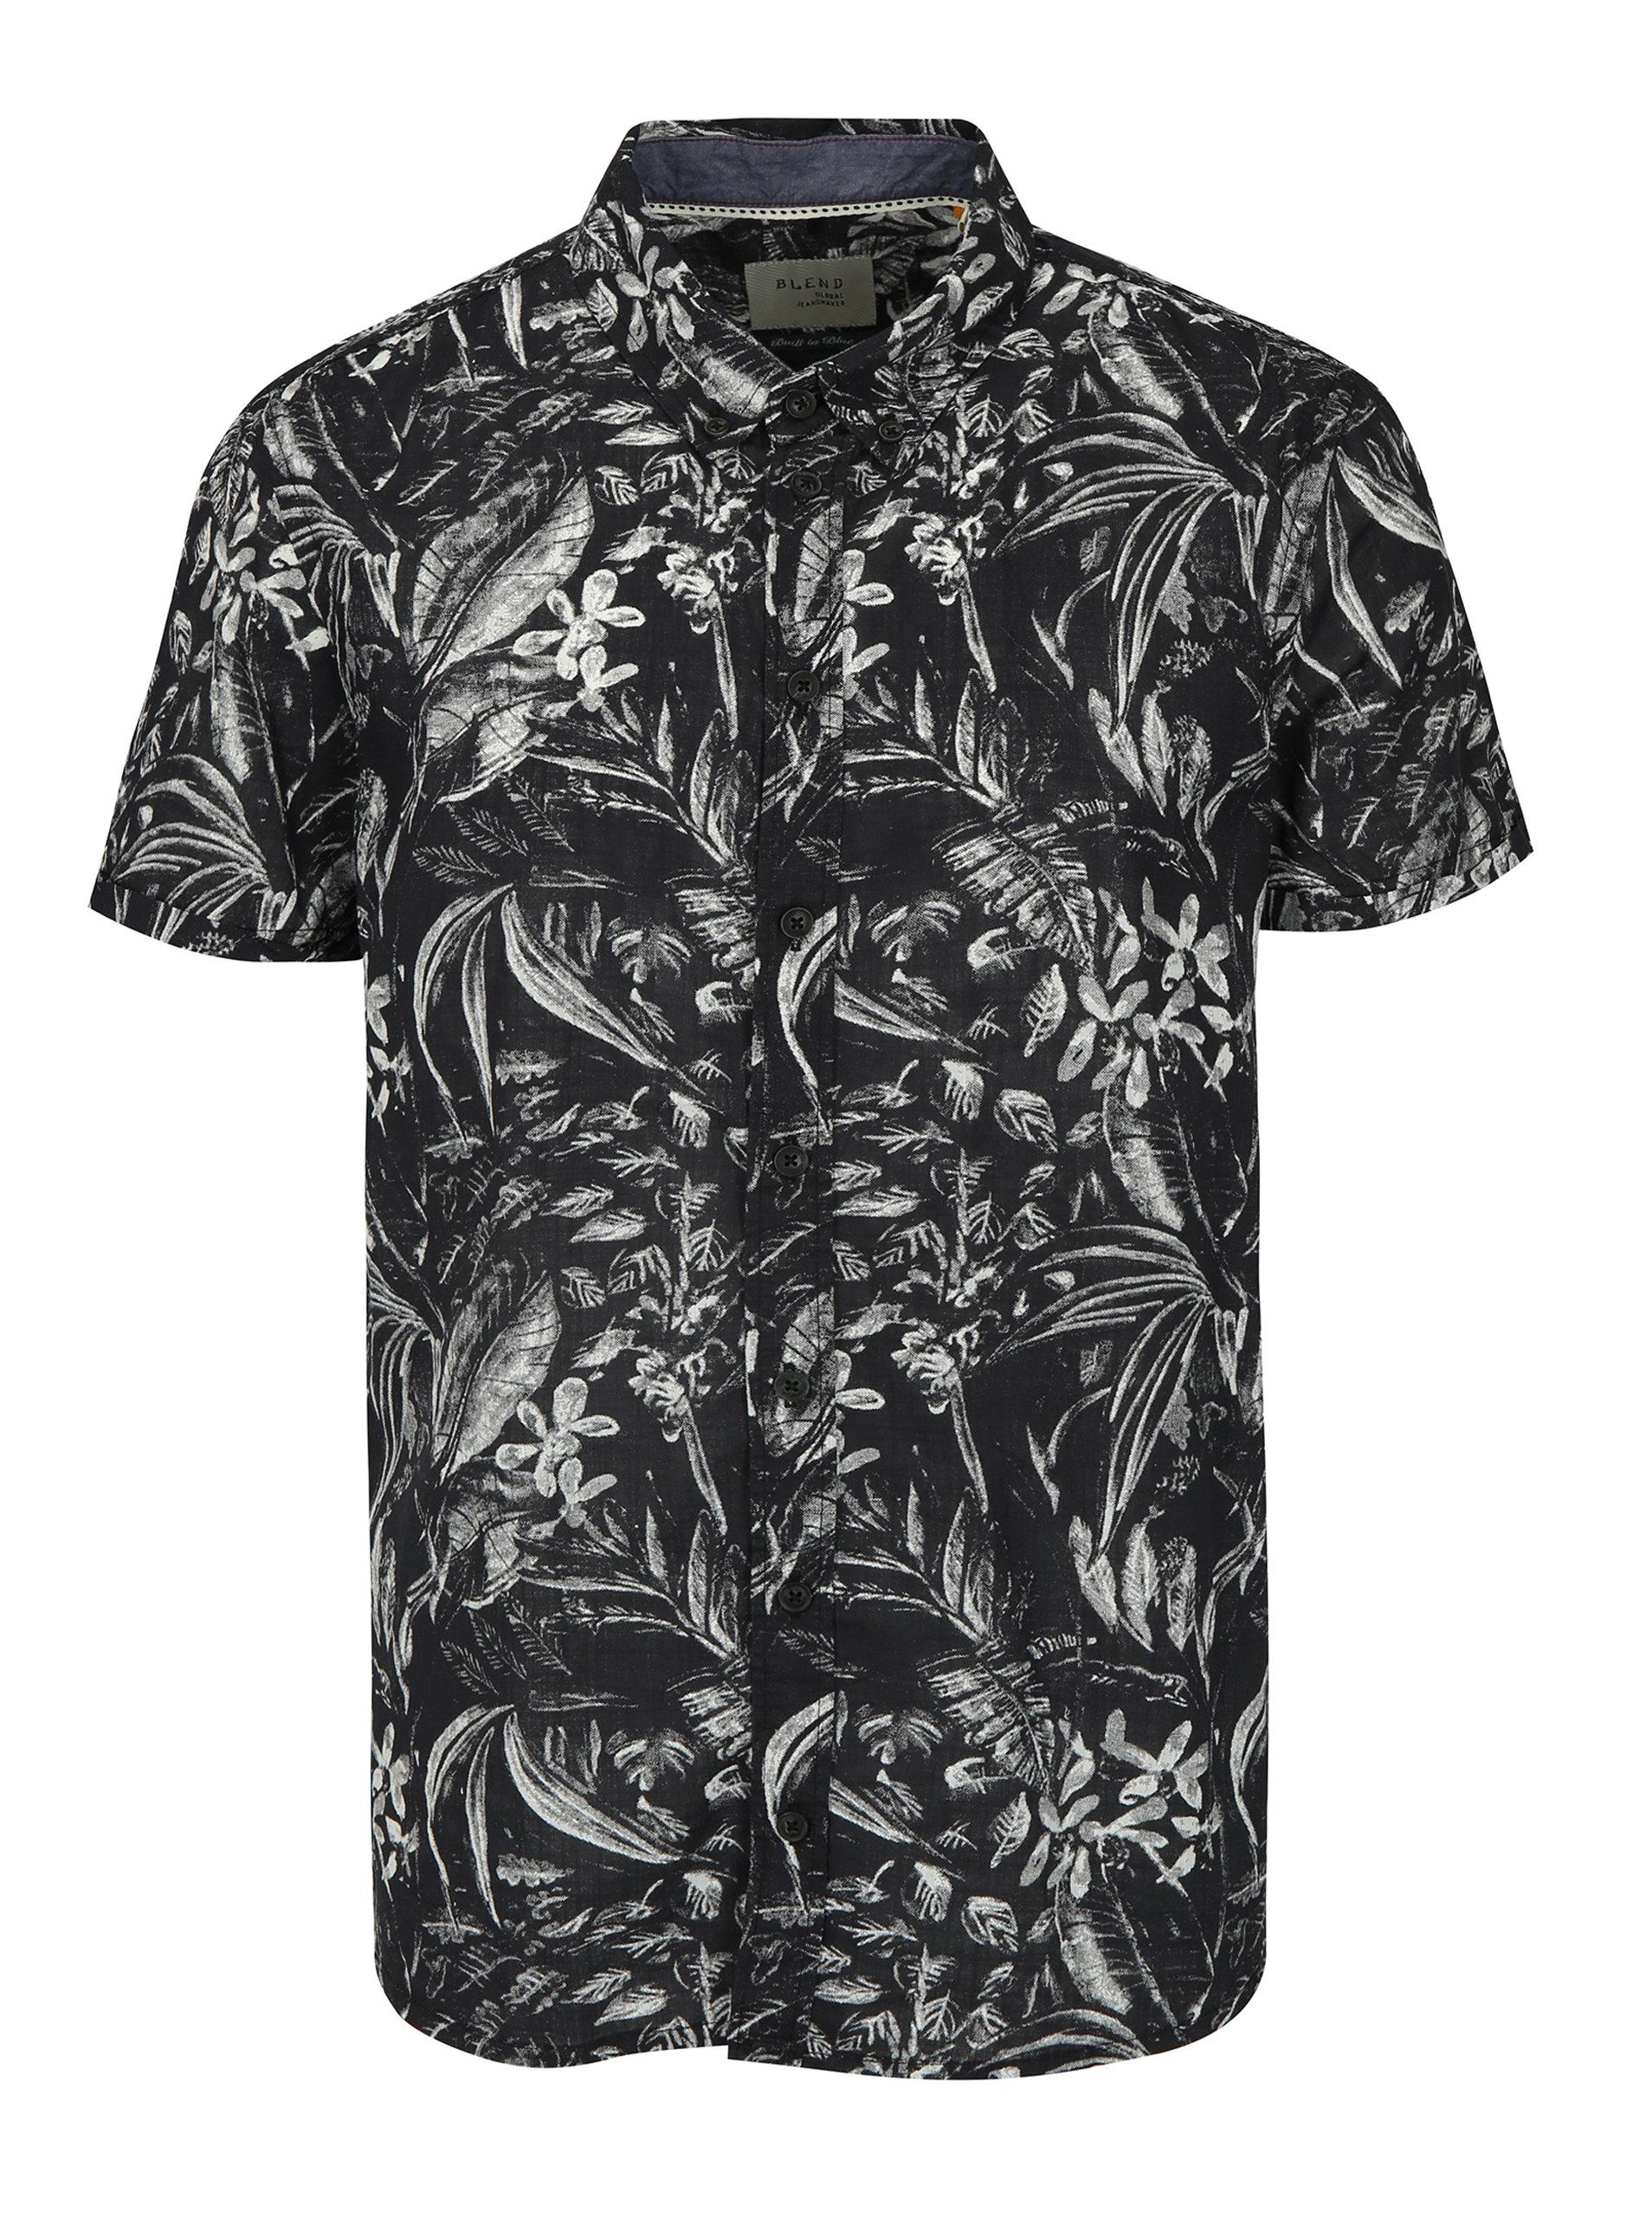 ac81e745561 Krémovo-černá vzorovaná slim fit košile s krátkým rukávem Blend